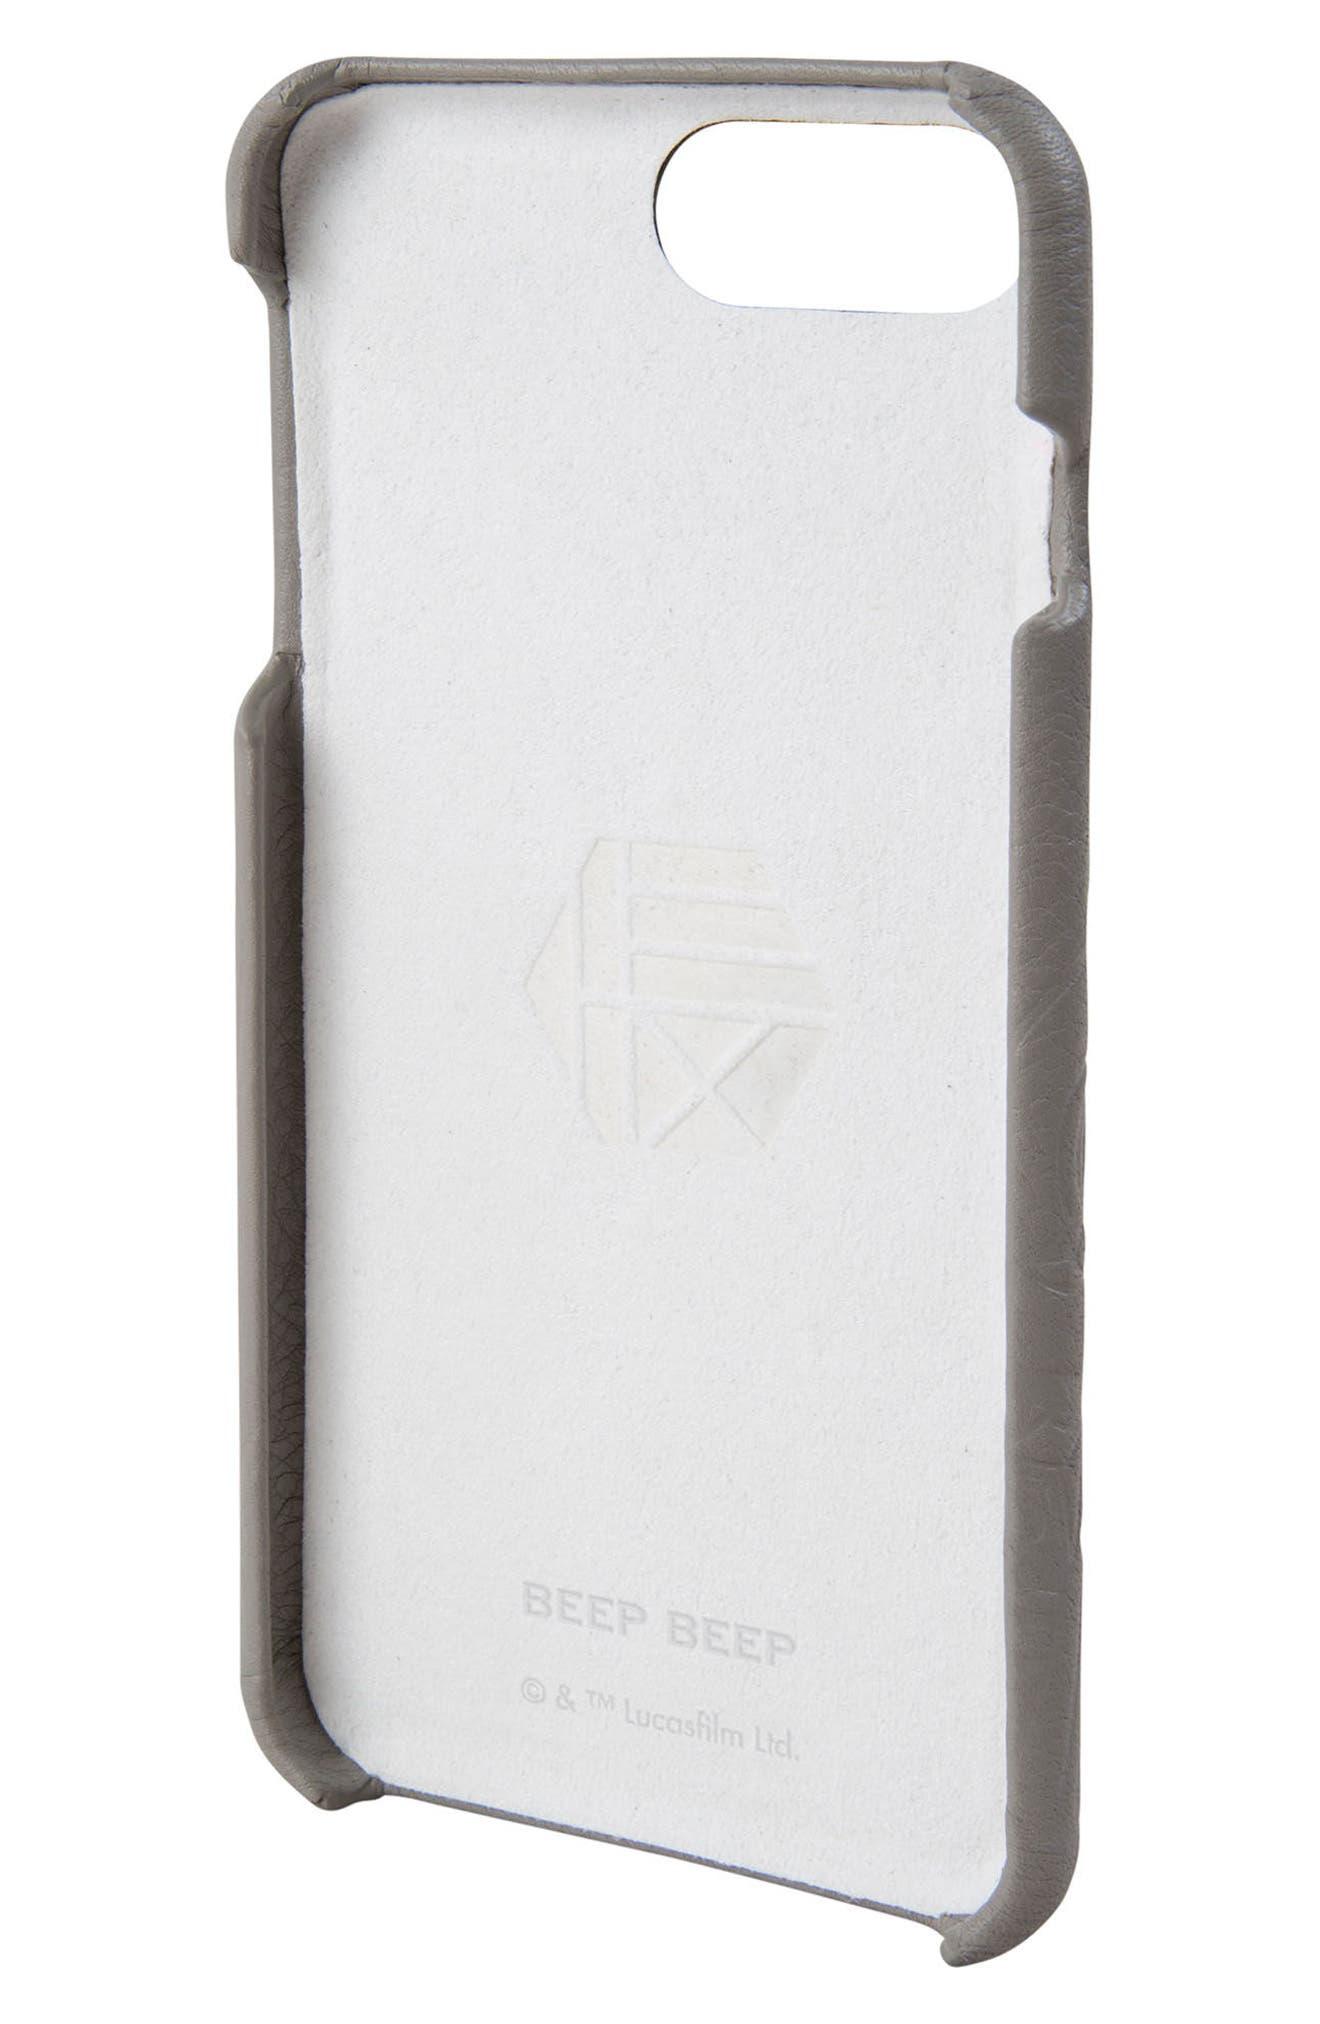 R2-D2 iPhone 6/6s/7/8 Plus Case,                             Main thumbnail 1, color,                             036